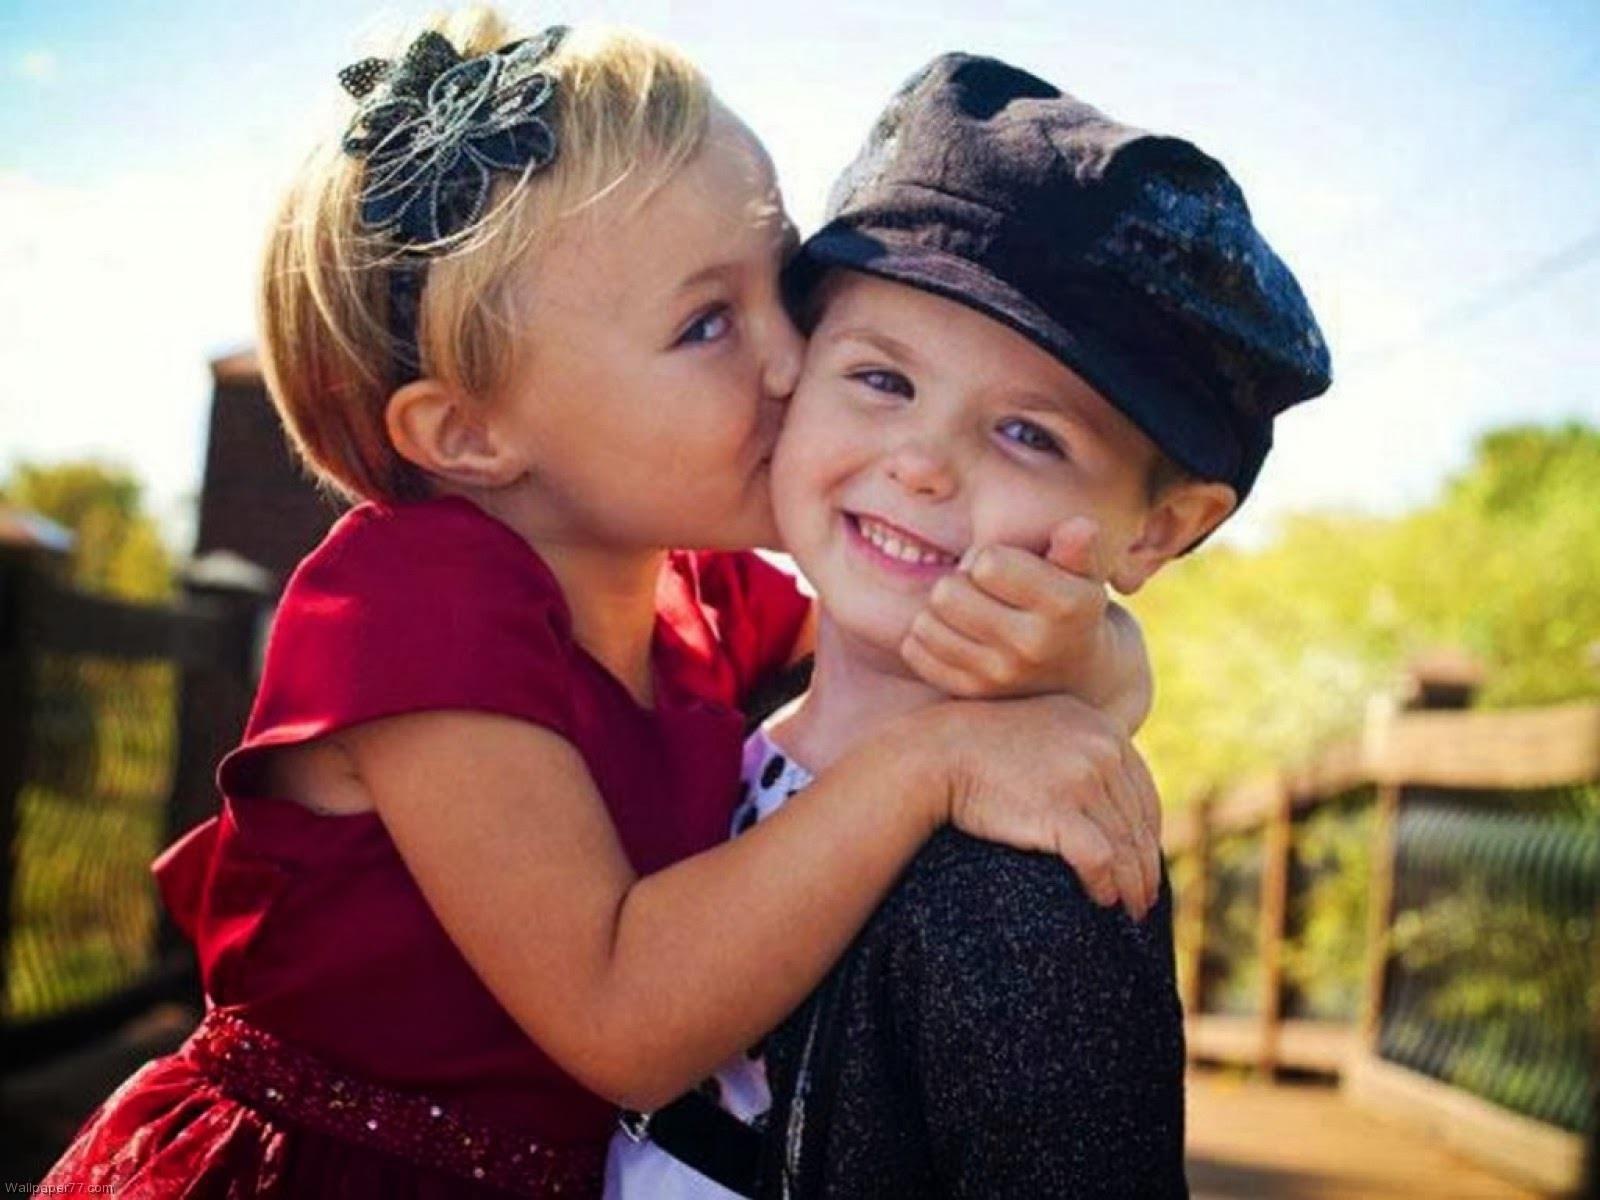 Cute Child Couple Wallpaper